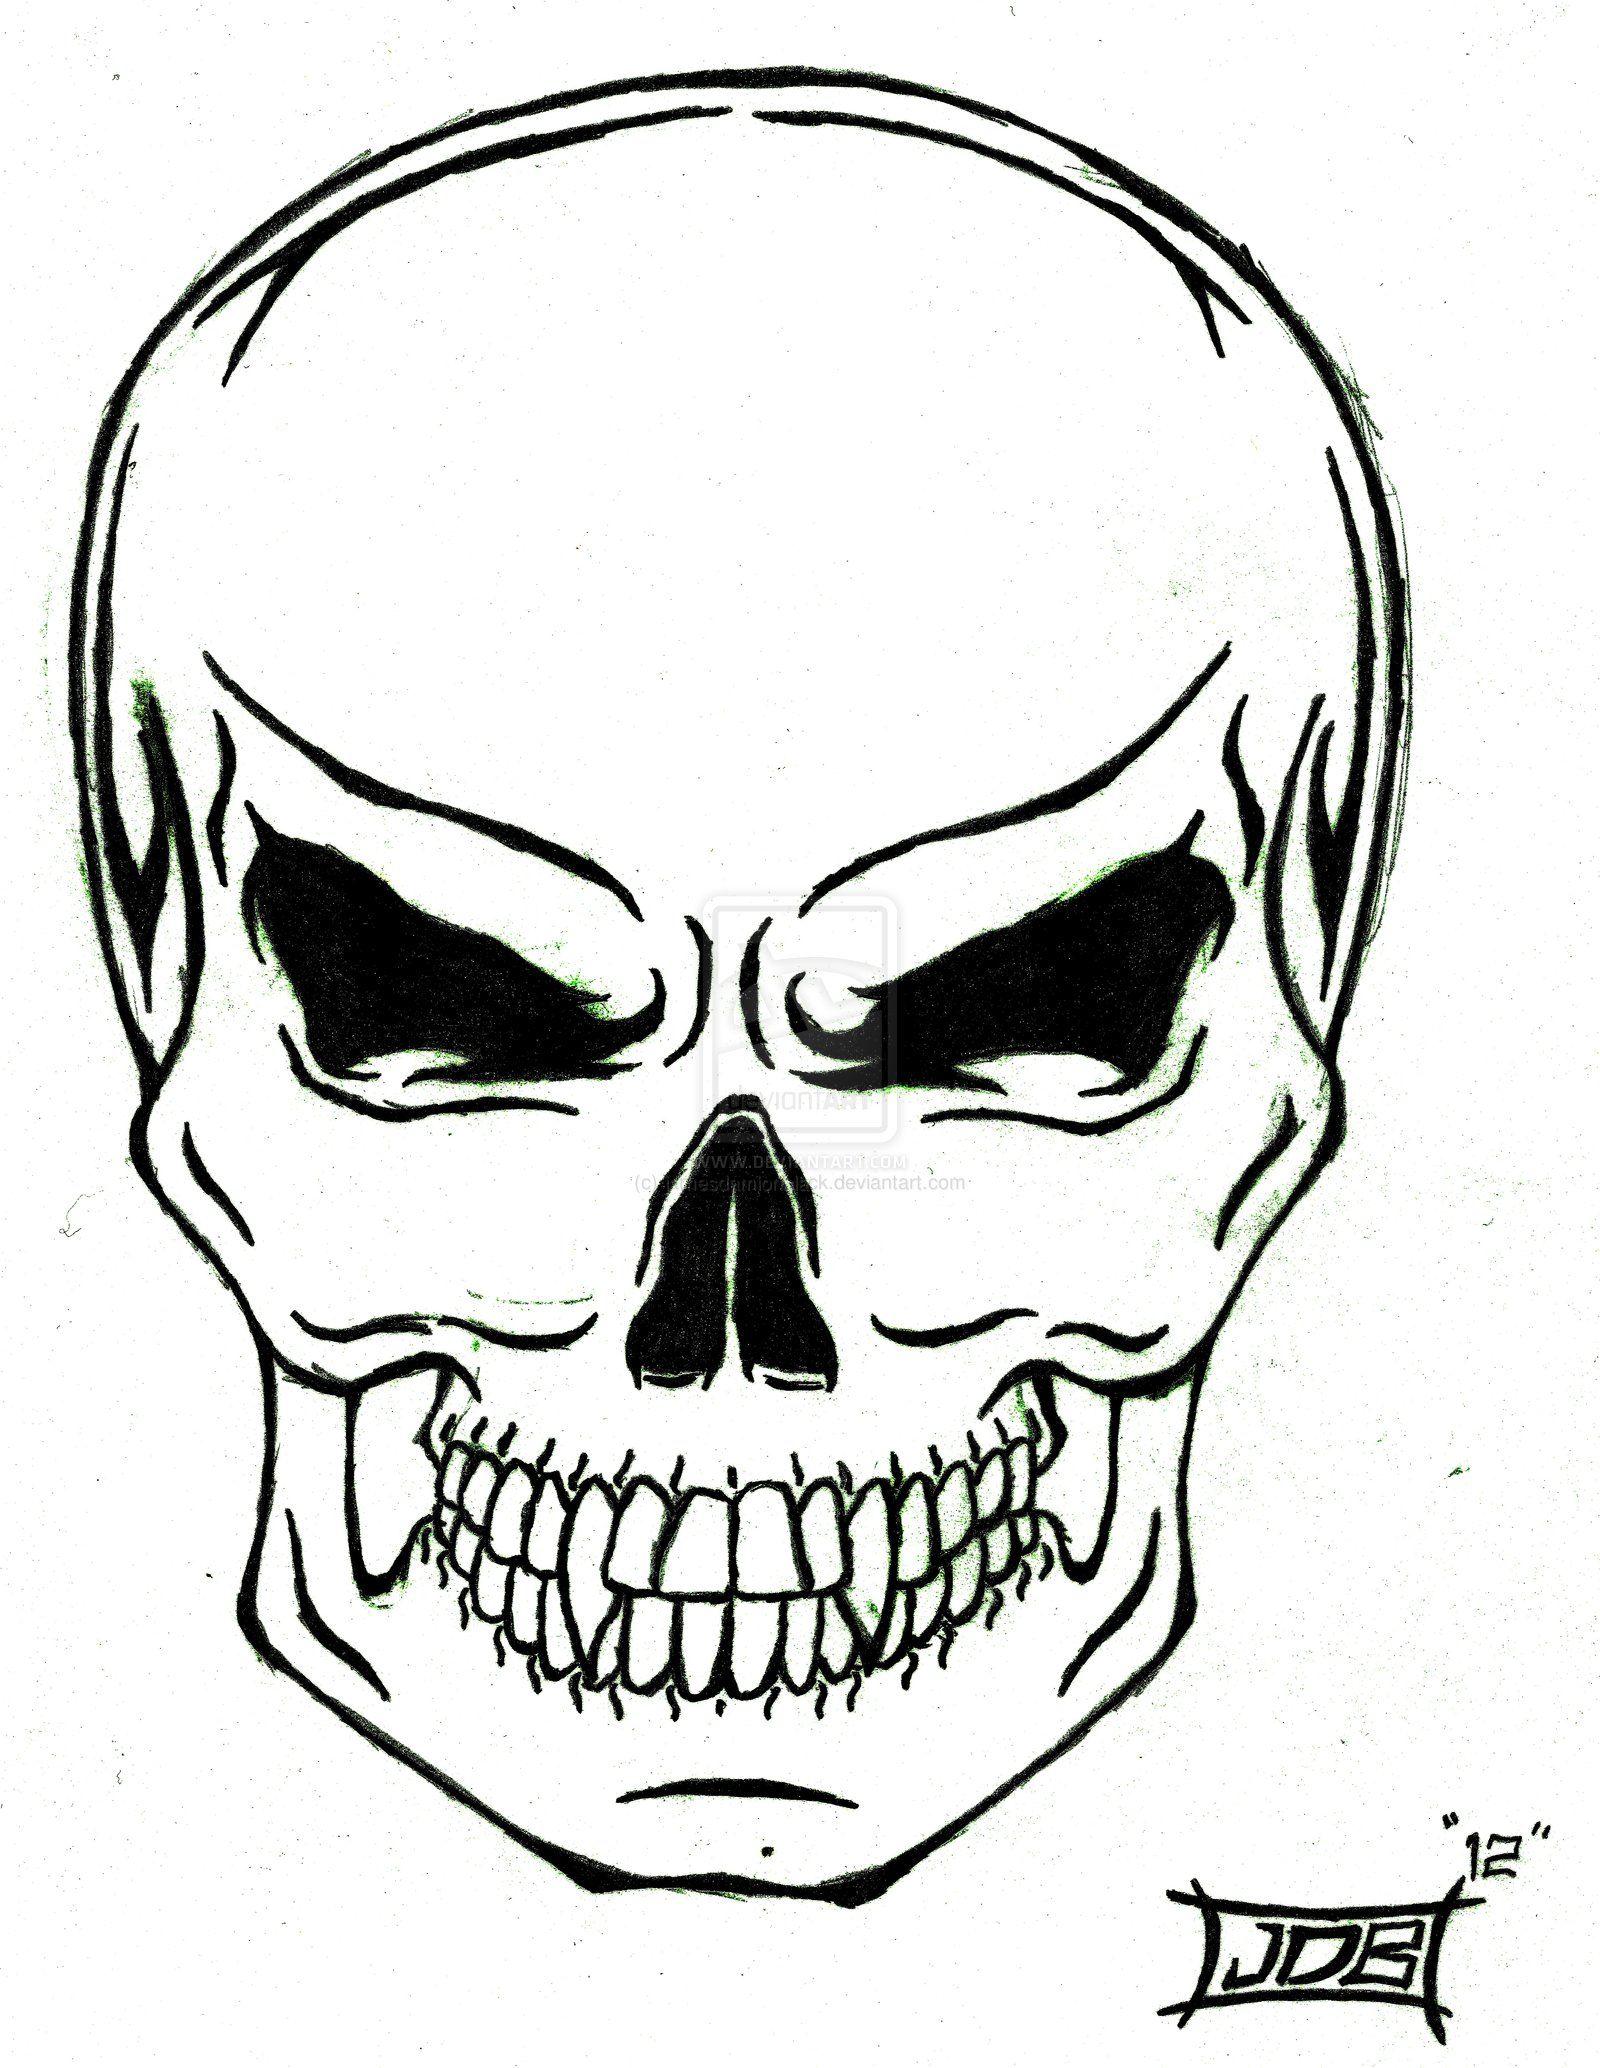 Tribal Skull Tattoo Desing Ideas 23340 Design Ideas Tattoosnet Simple Skull Tribal Skull Simple Skull Drawing